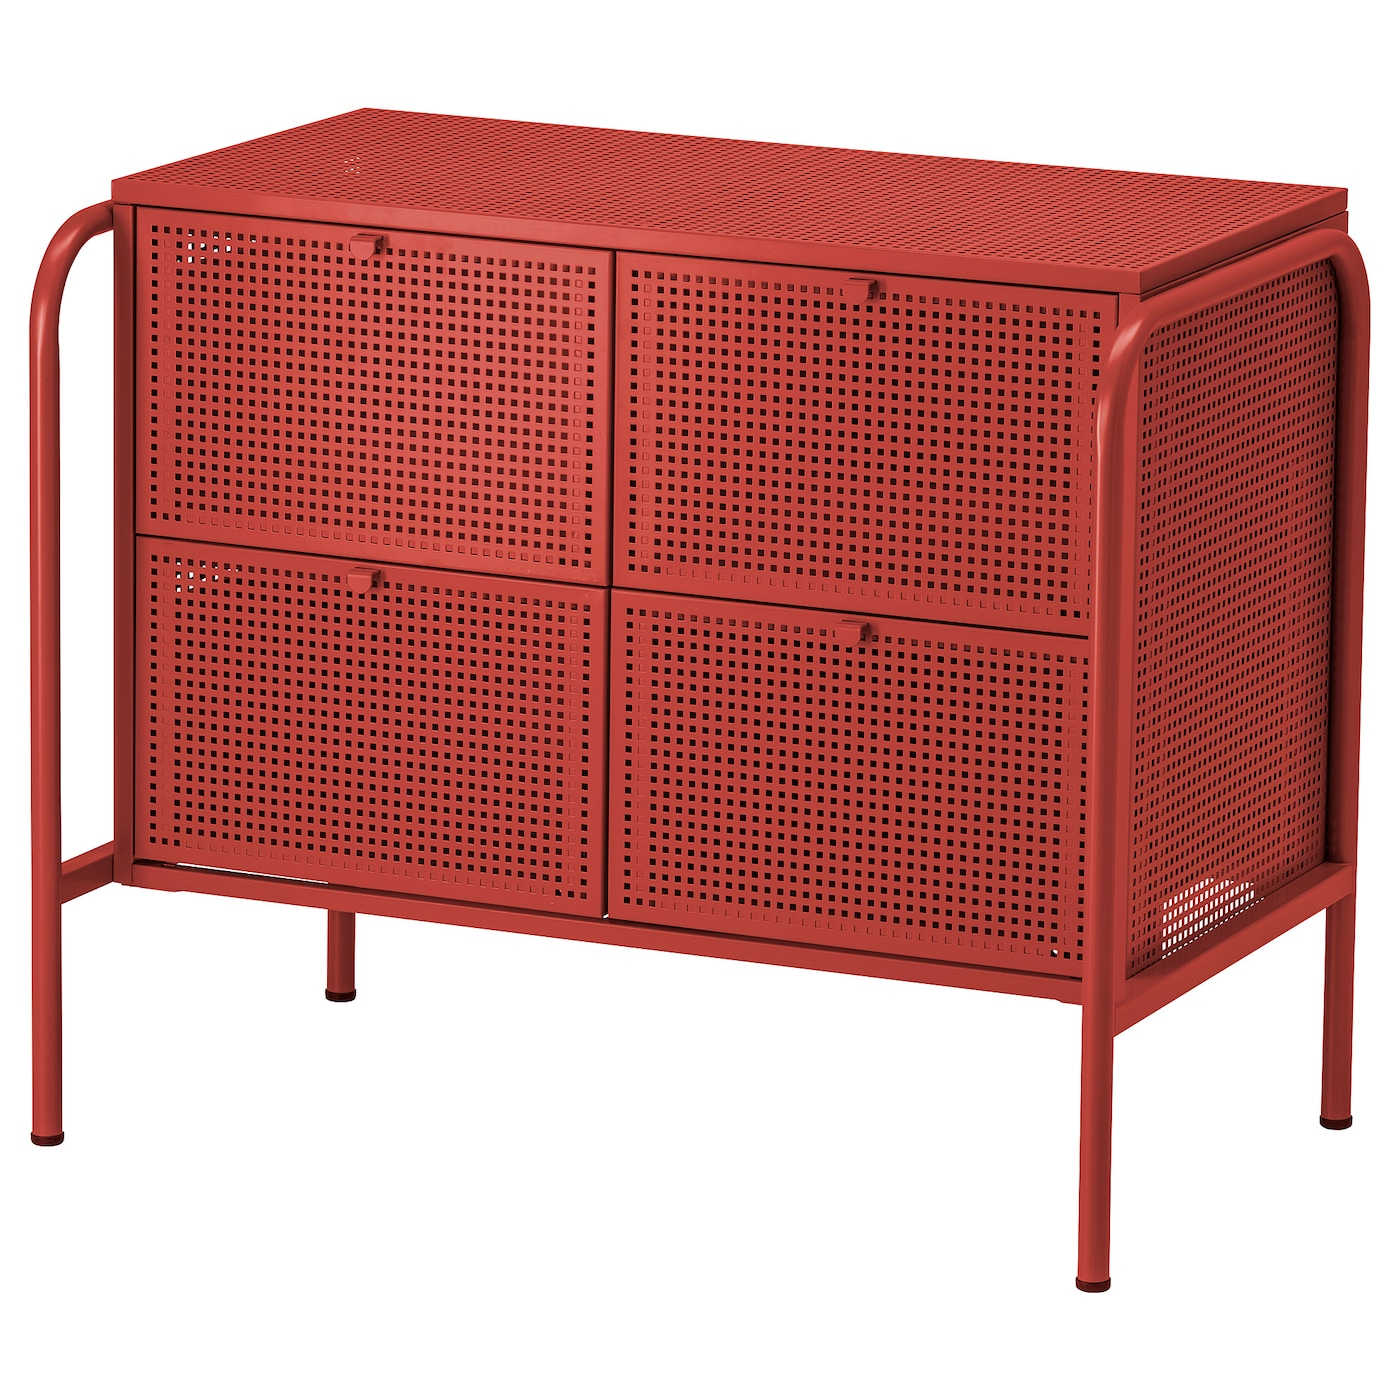 IKEA - NIKKEBY Ladekast met 4 lades - 84x70 cm - Rood